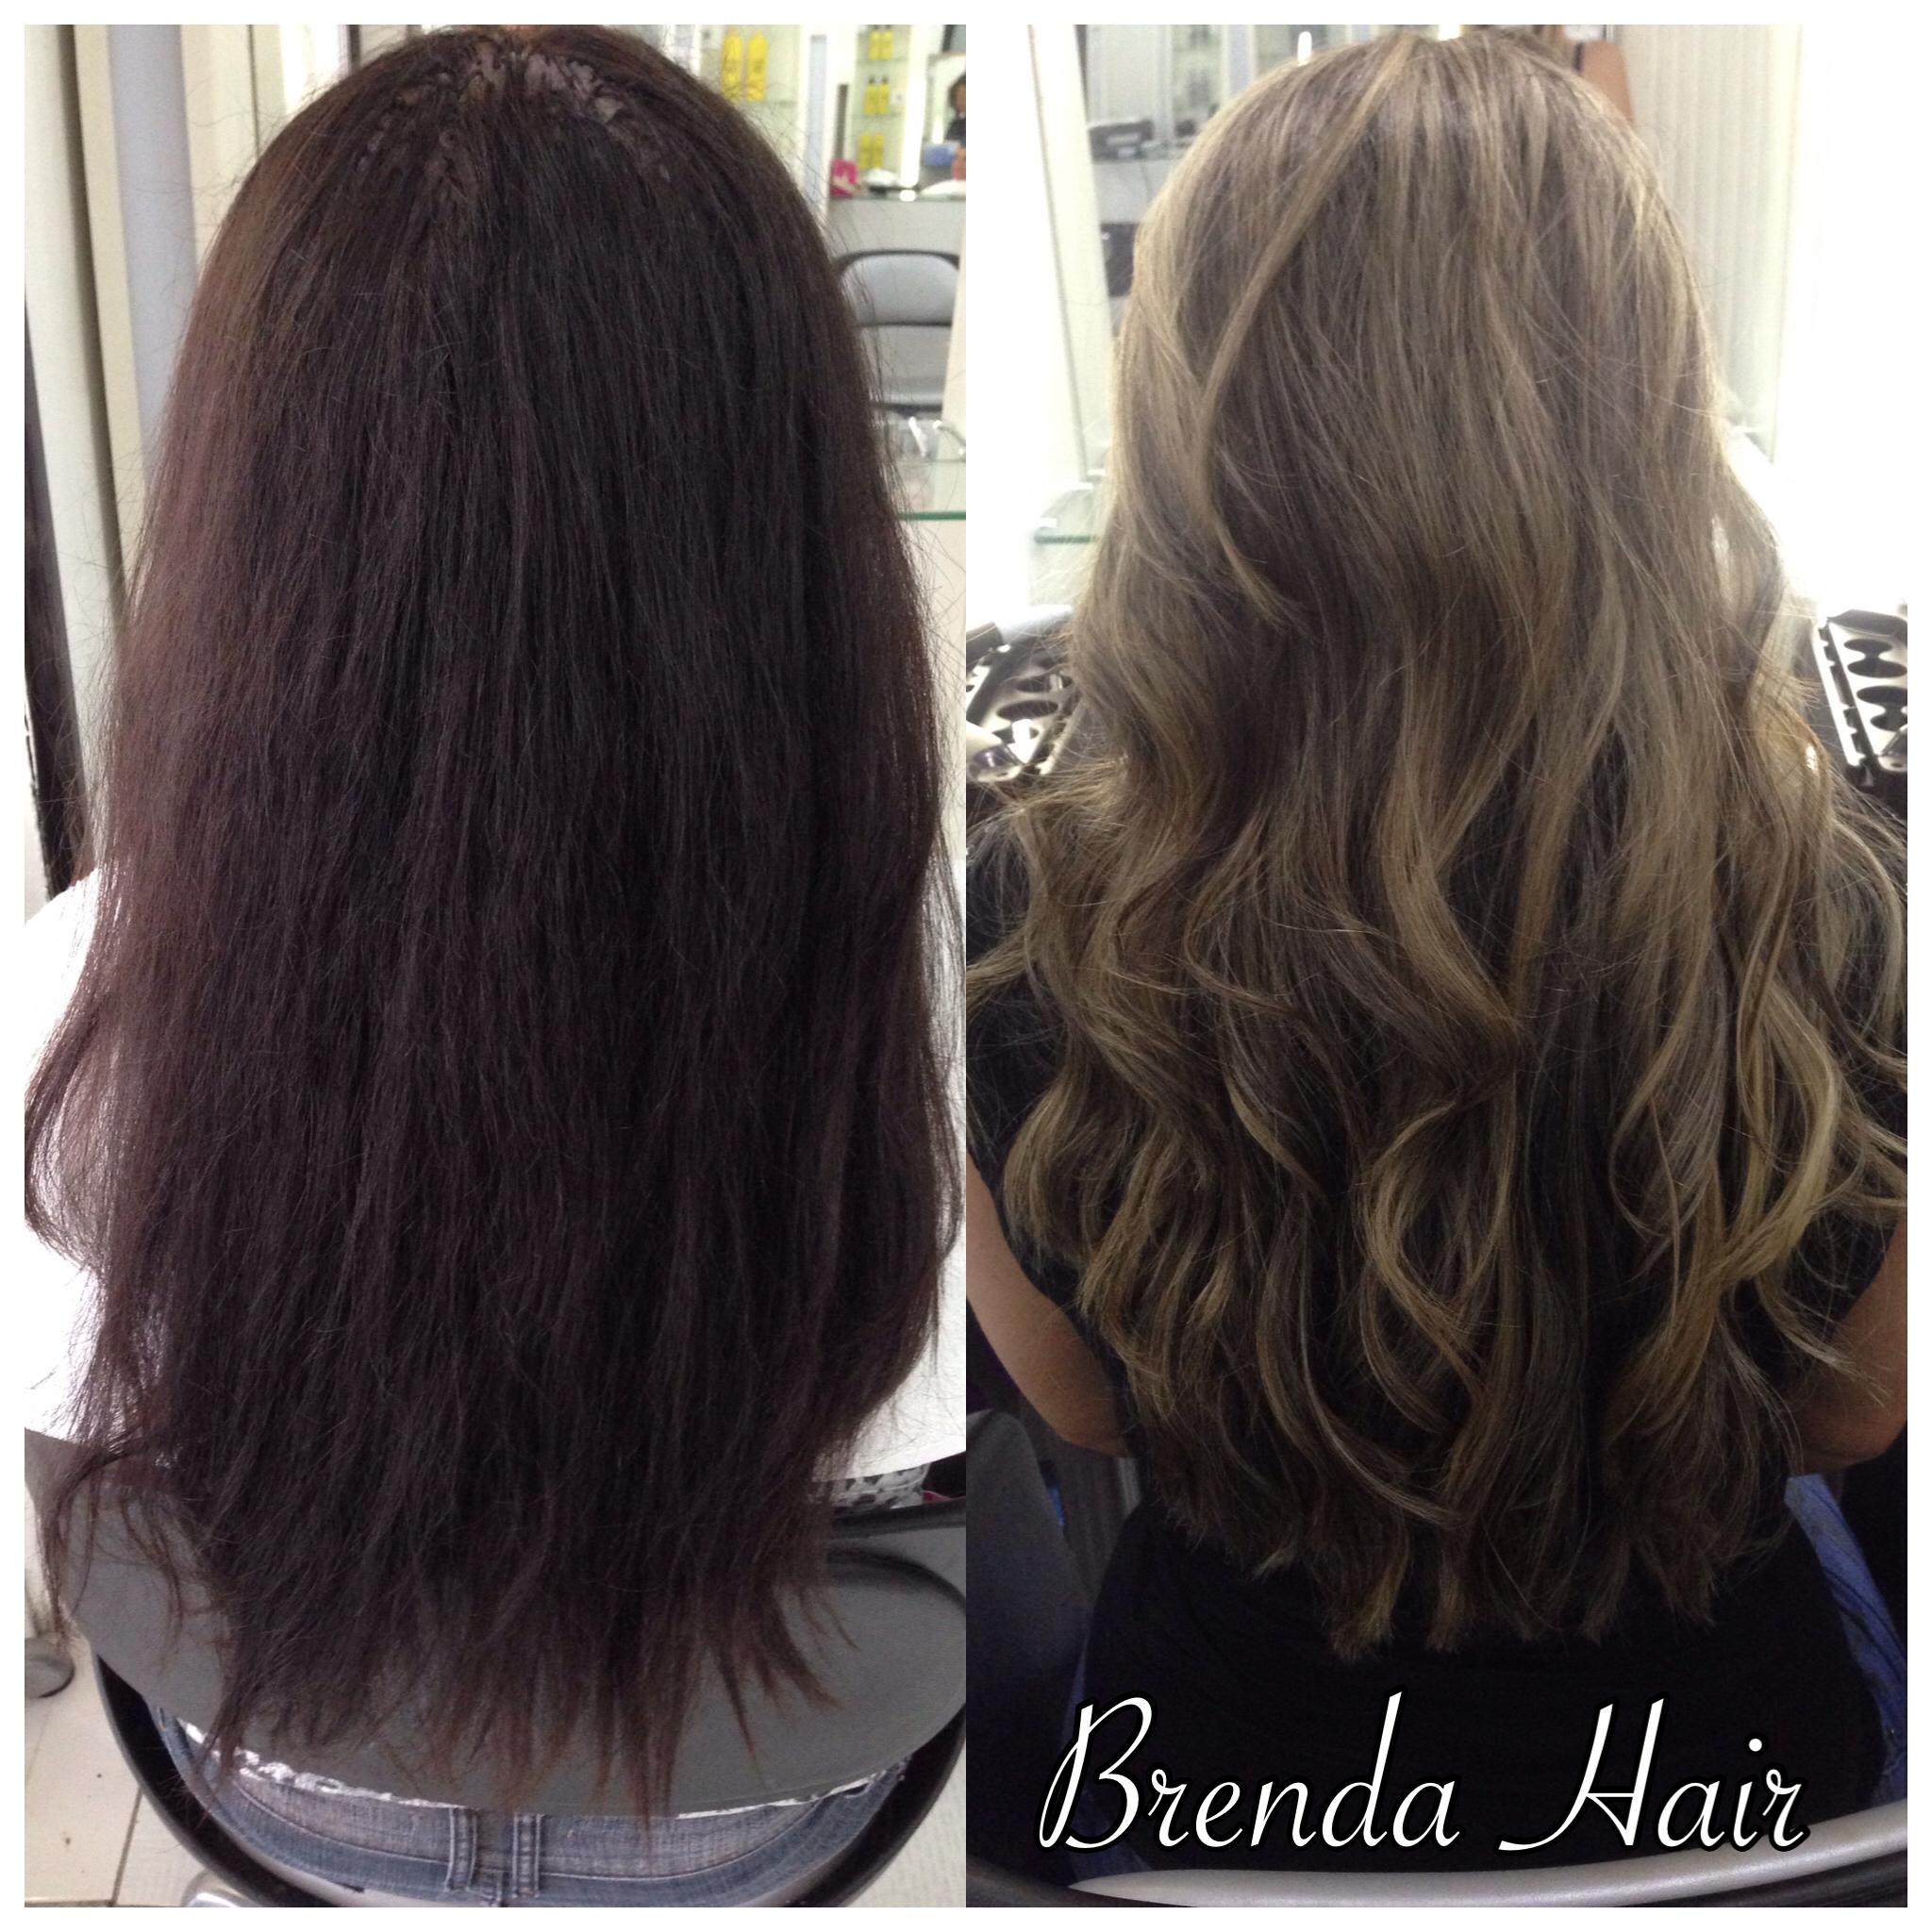 Saindo do preto, sempre respeitando a saúde do cabelo! Loiro super natural.. ❣ cabelo cabeleireiro(a)